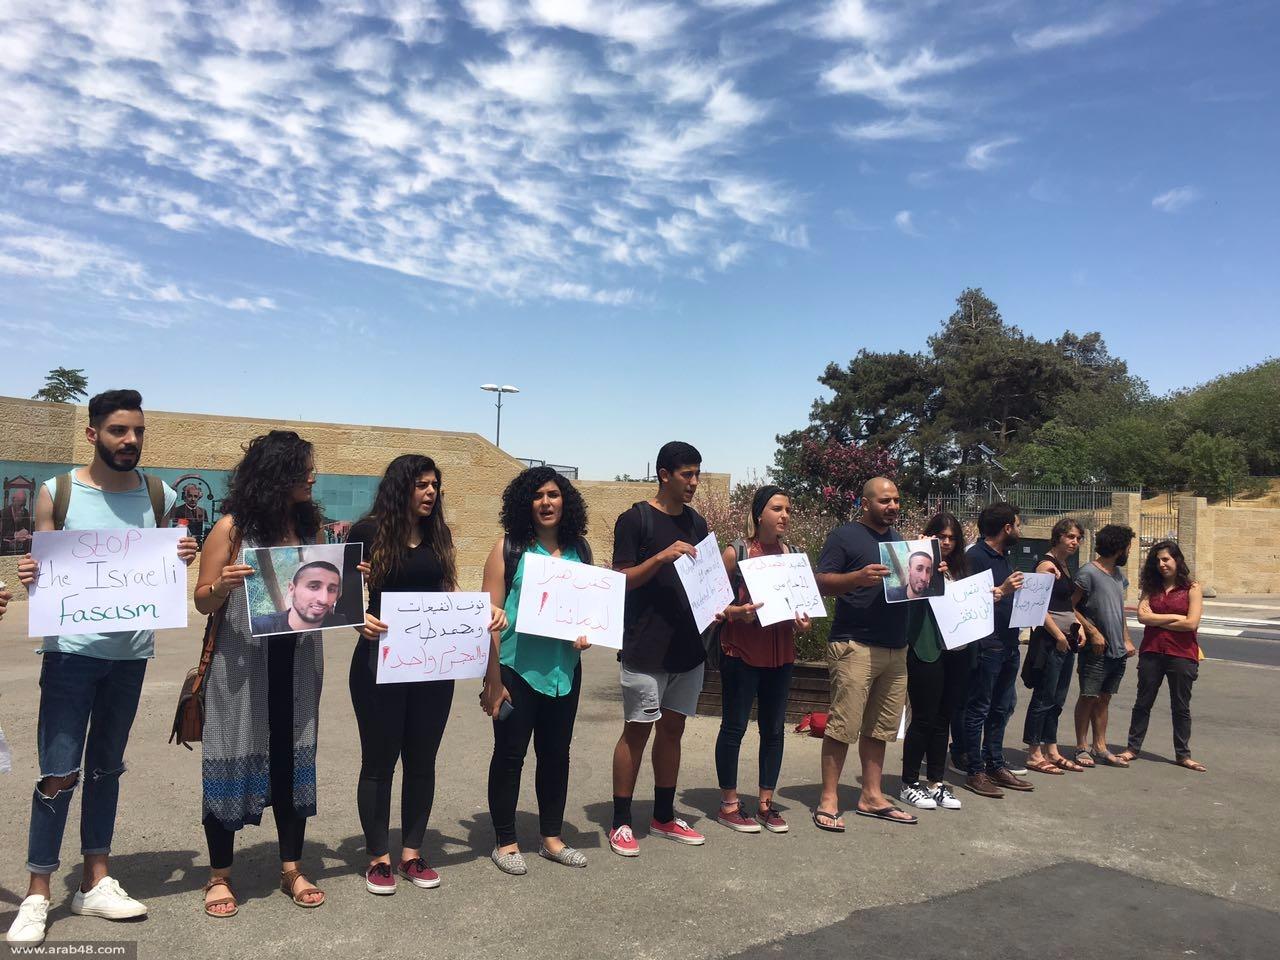 الطلاب العرب بجامعة القدس يتظاهرون ضد جرائم الشرطة